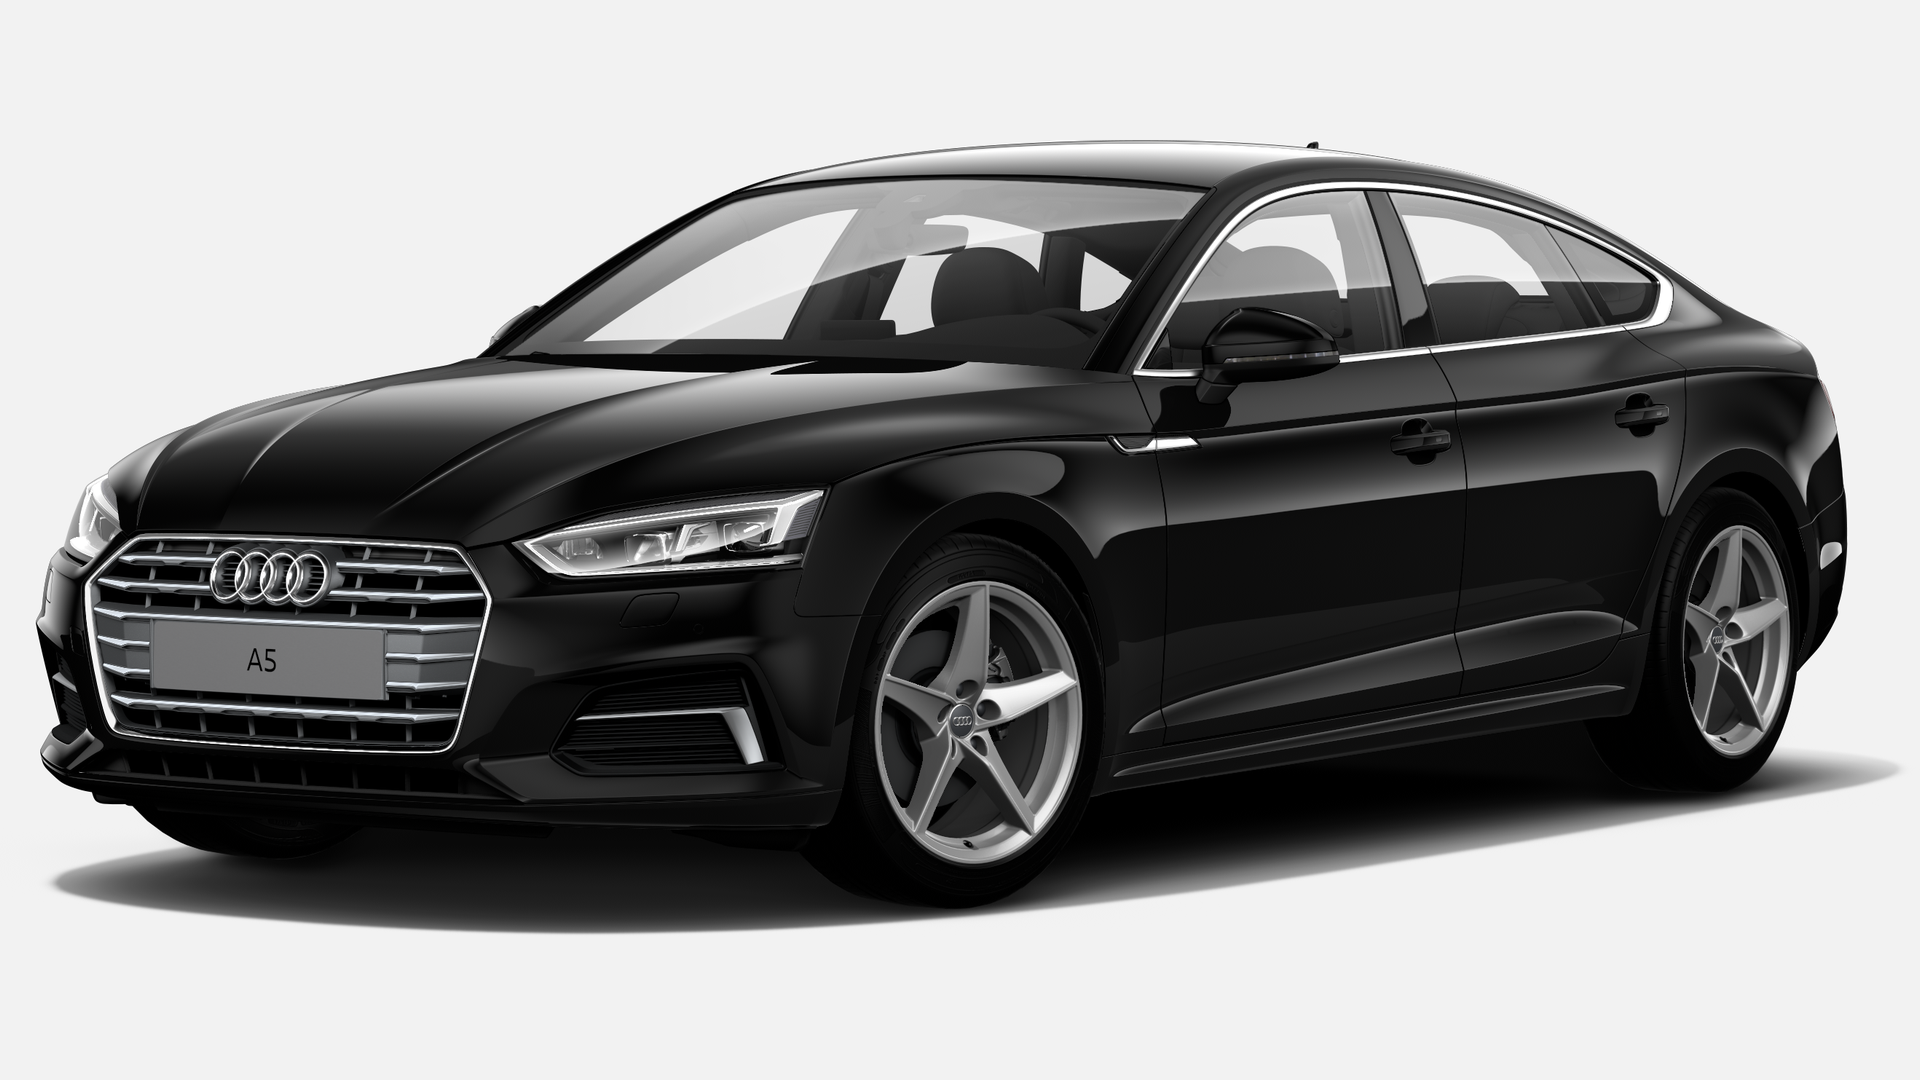 Audi A5 Sportback 2.0 TDI Sport S tronic 110 kW (150 CV)  nuevo en Madrid